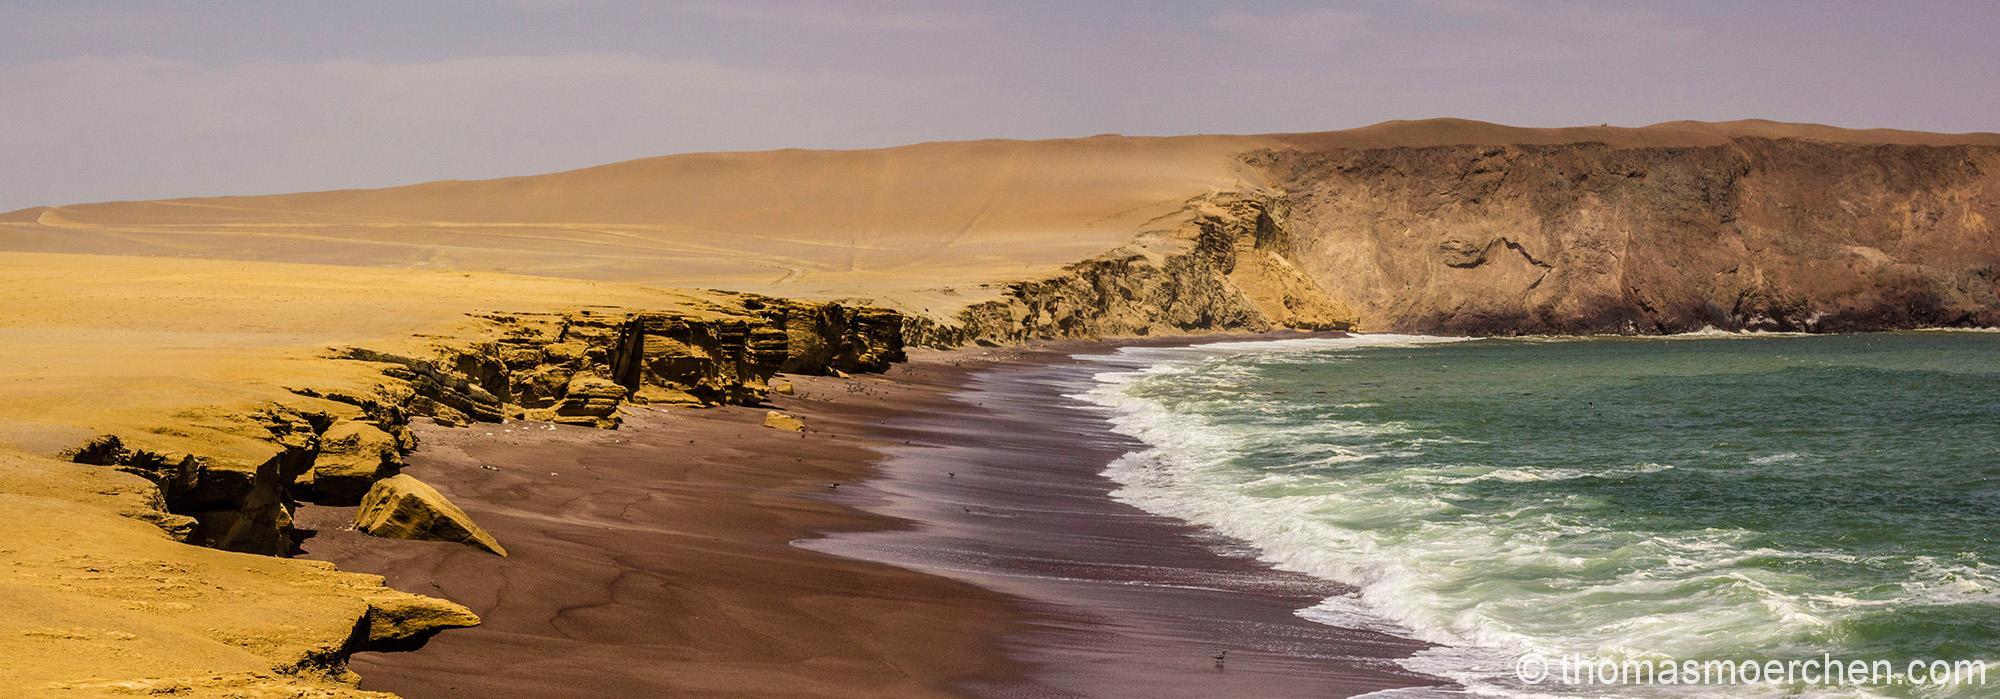 Playa roja - Roter Strand wird dieser Bereich genannt, da vulkanische ablagerungen hier angespült werden und tatsächlich rot anmutender Sand dort liegt.